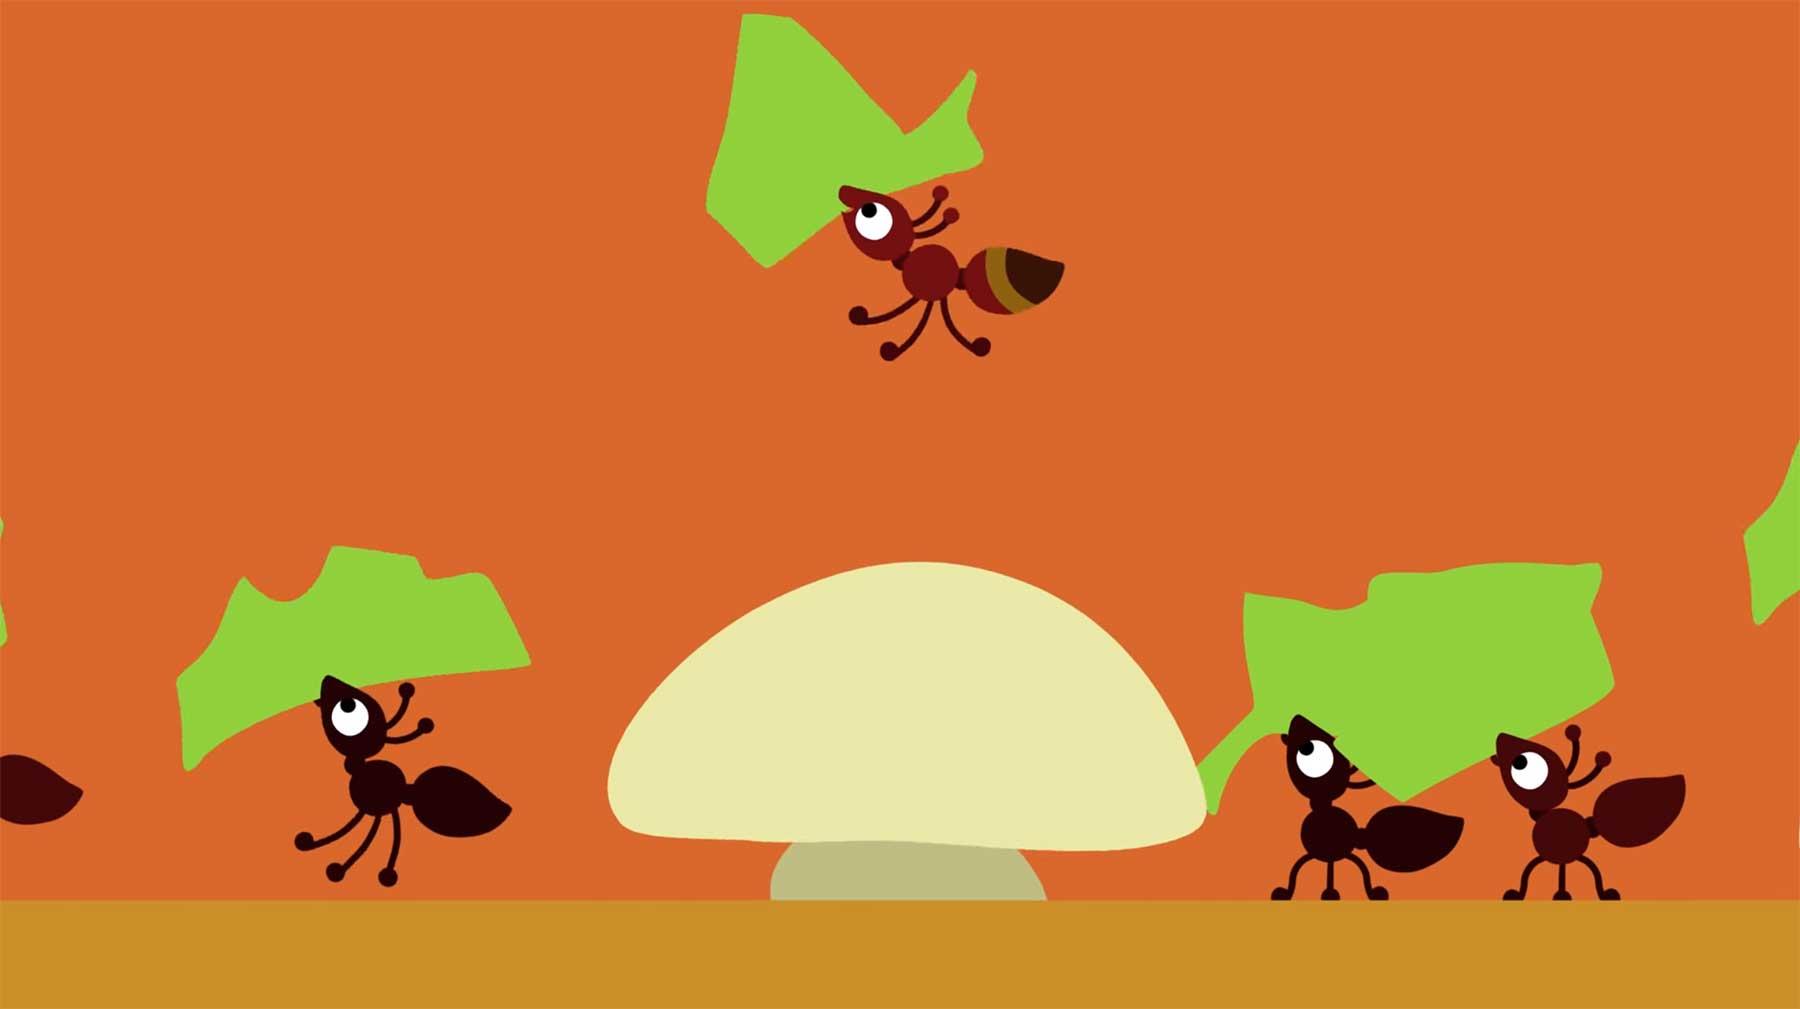 Die aus dem Takt fallende Ameise